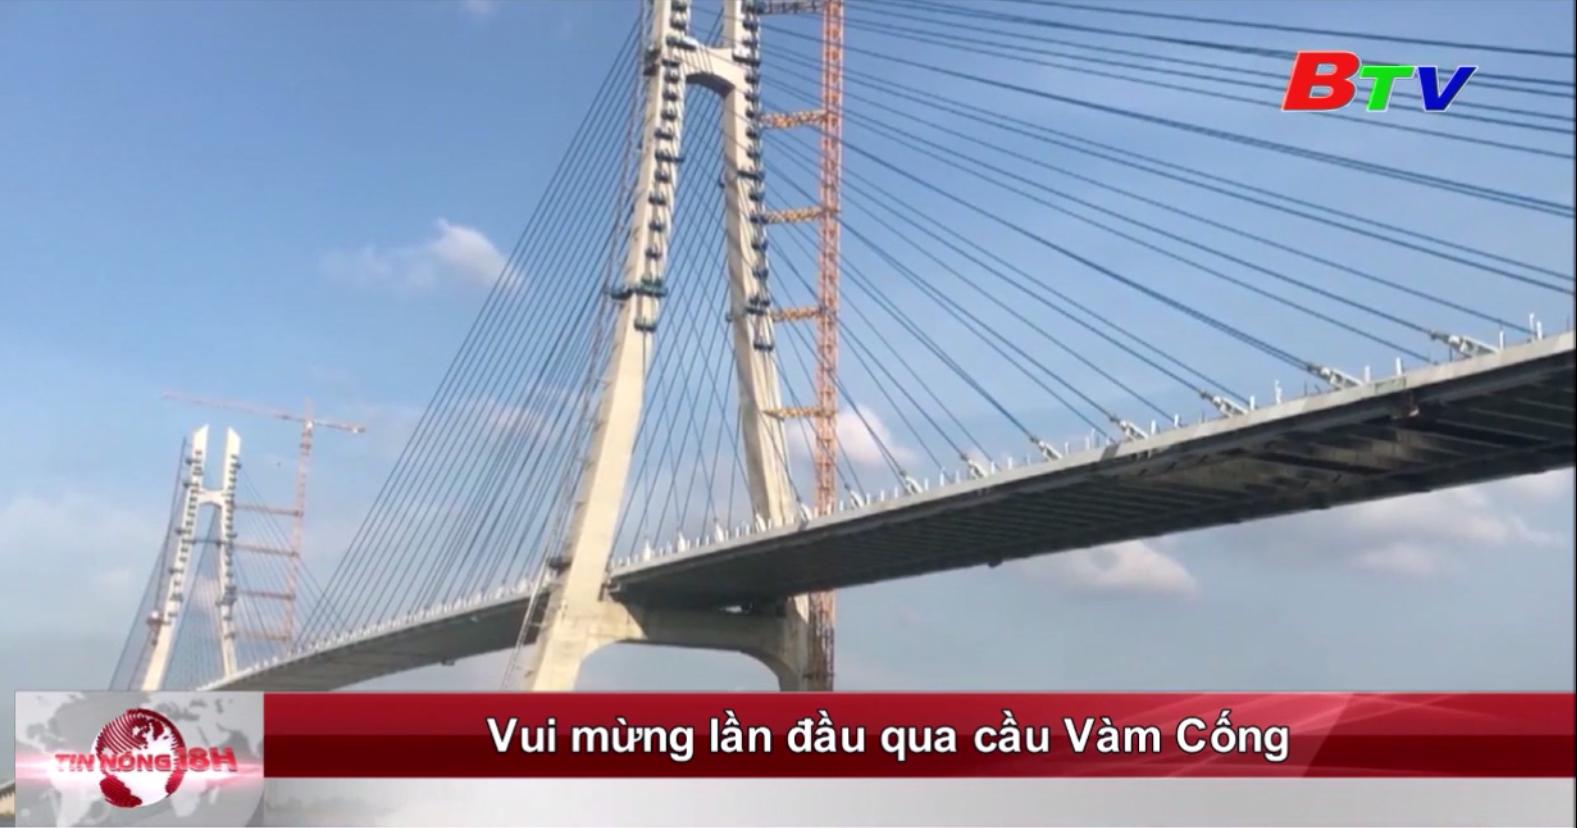 Vui mừng lần đầu qua cầu Vàm Cống